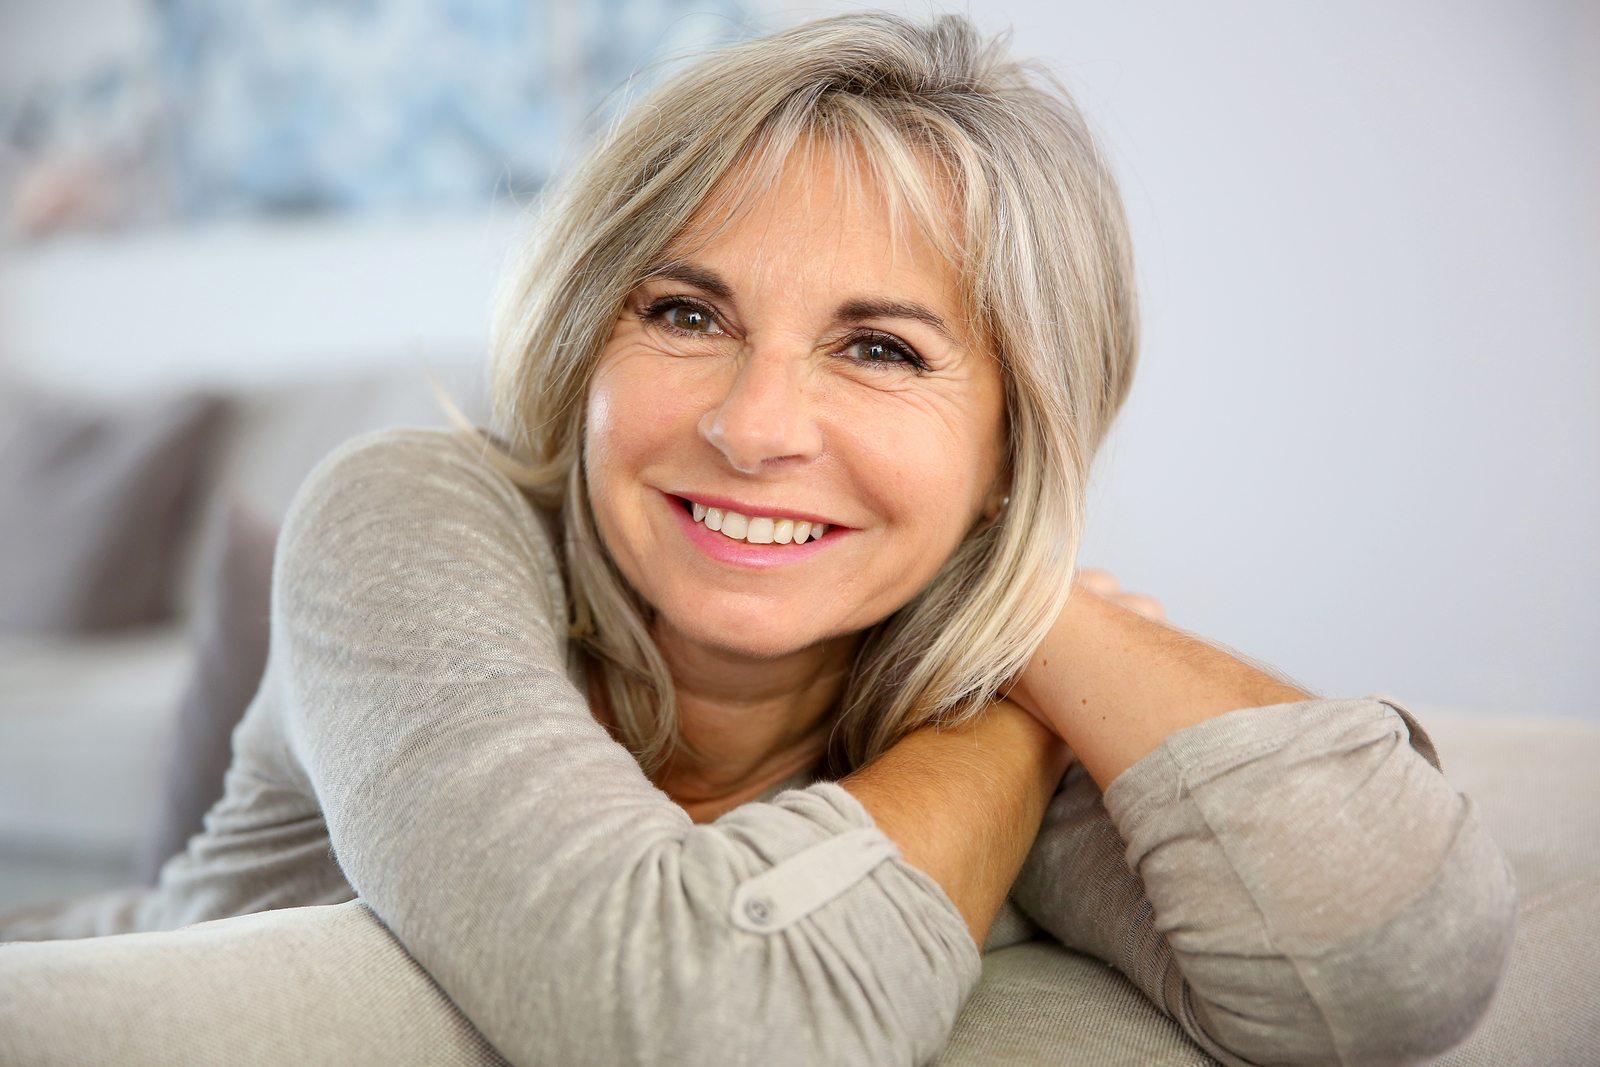 Фото женщин старше 45 лет 4 фотография